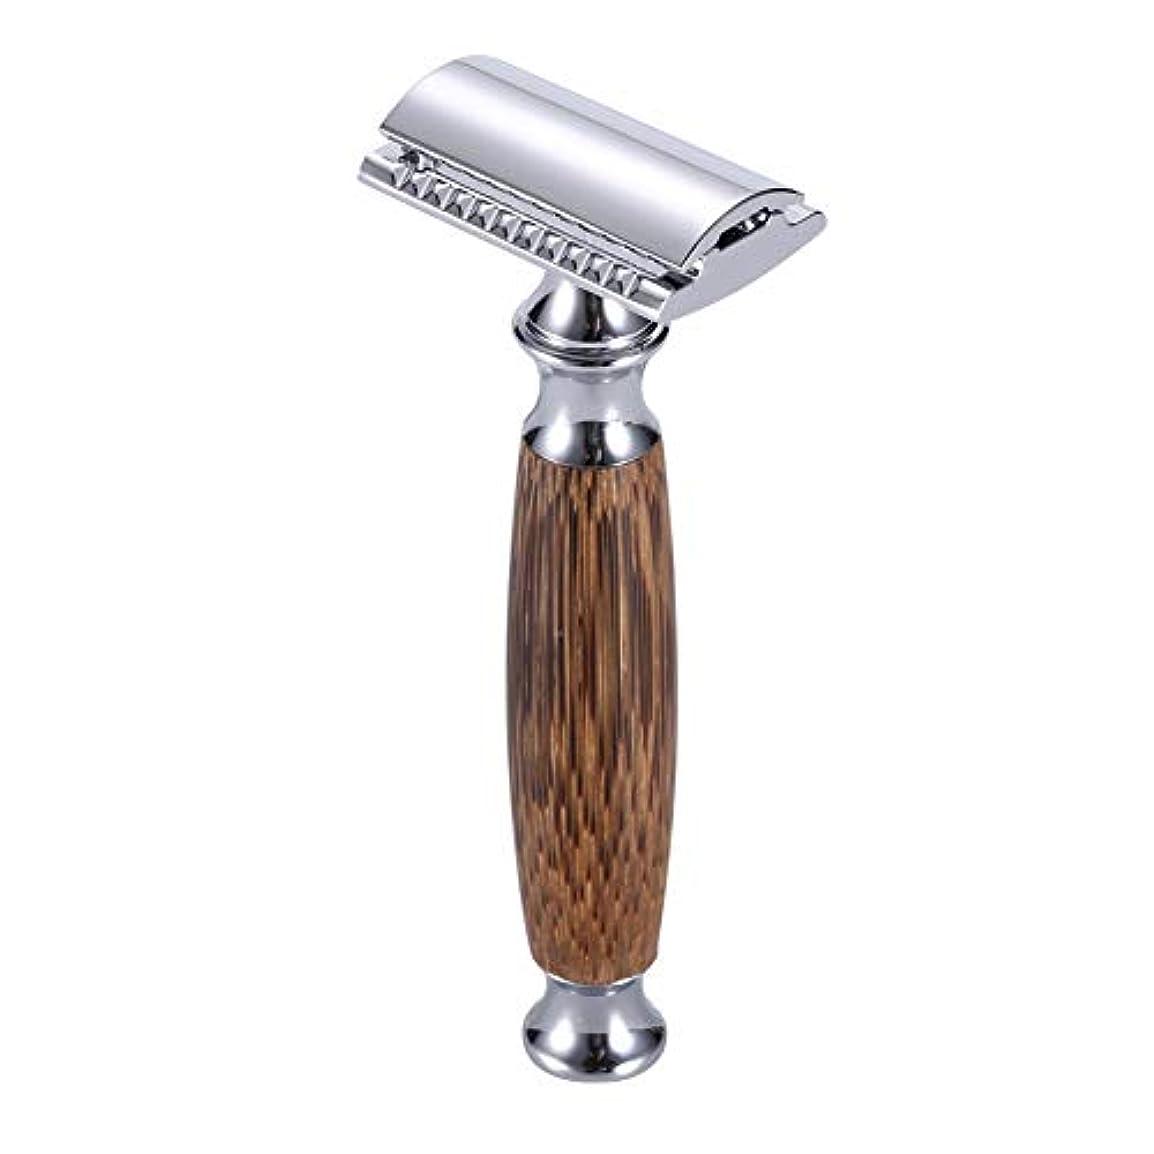 カミソリ本体 ナチュラル竹 ホルダー両刃カミソ クラシック ダブルエッジ かみそり手動 髭剃り替刃 5枚